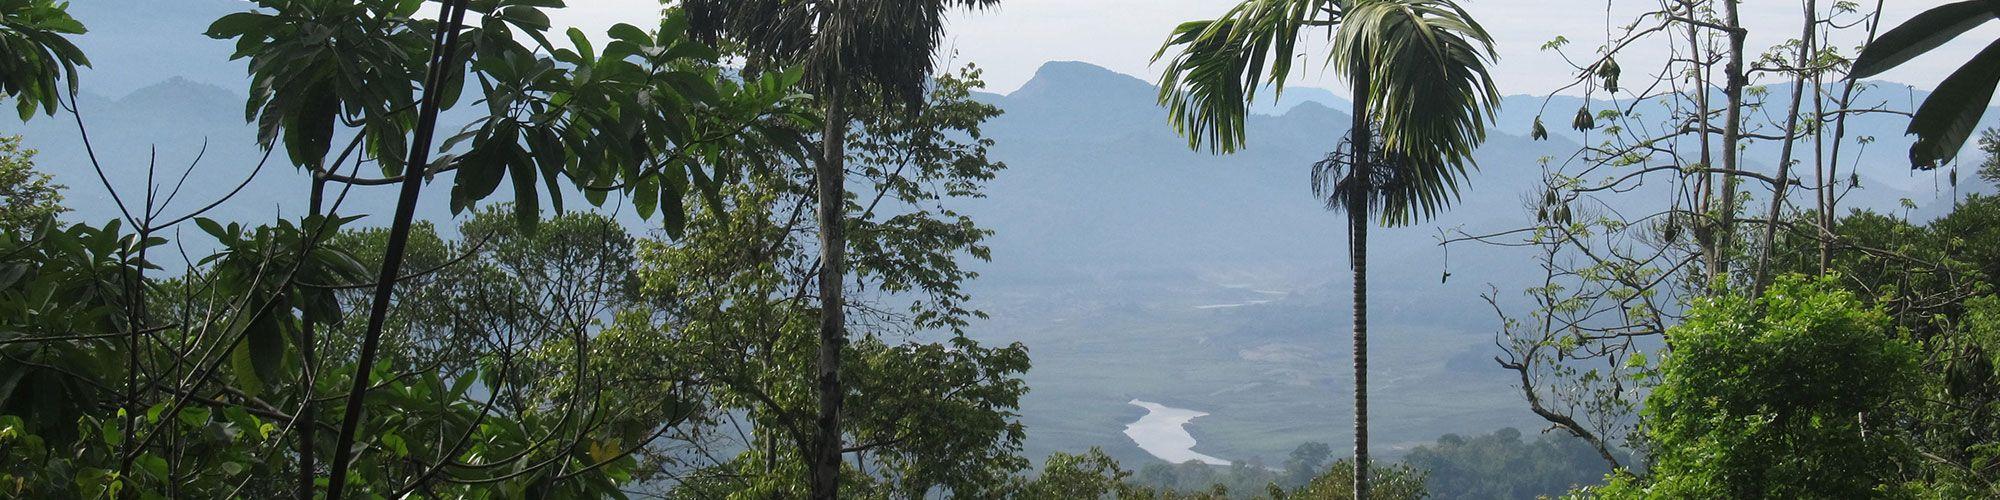 Sri Lanka, Hochland, HillCountry